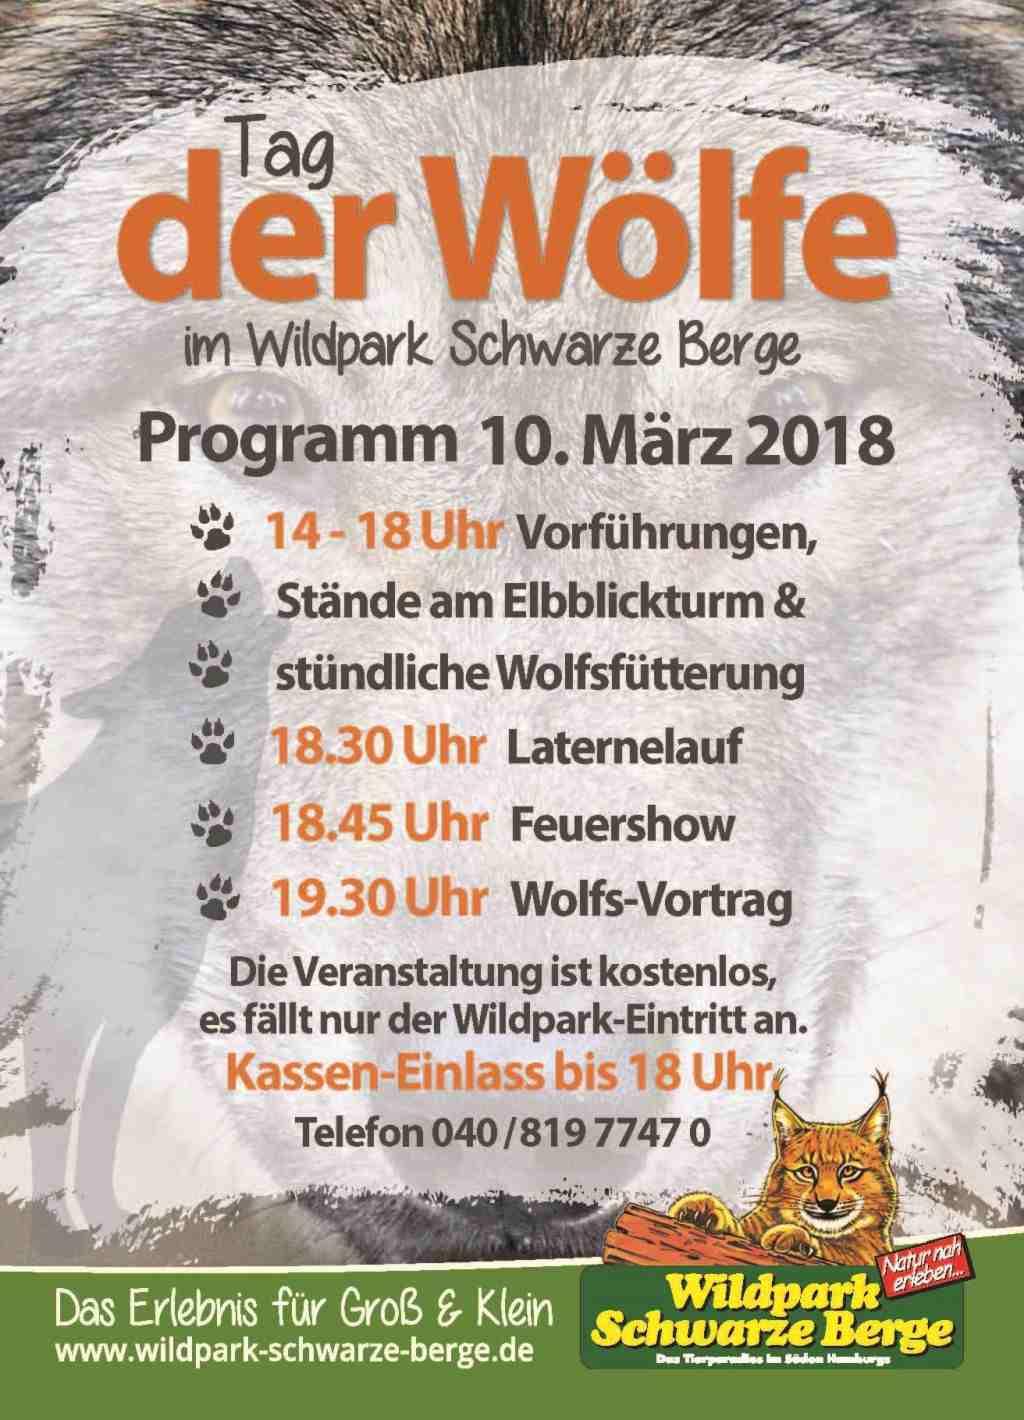 tag-der-wlfe_handzettel-programm_a6_2018_kl